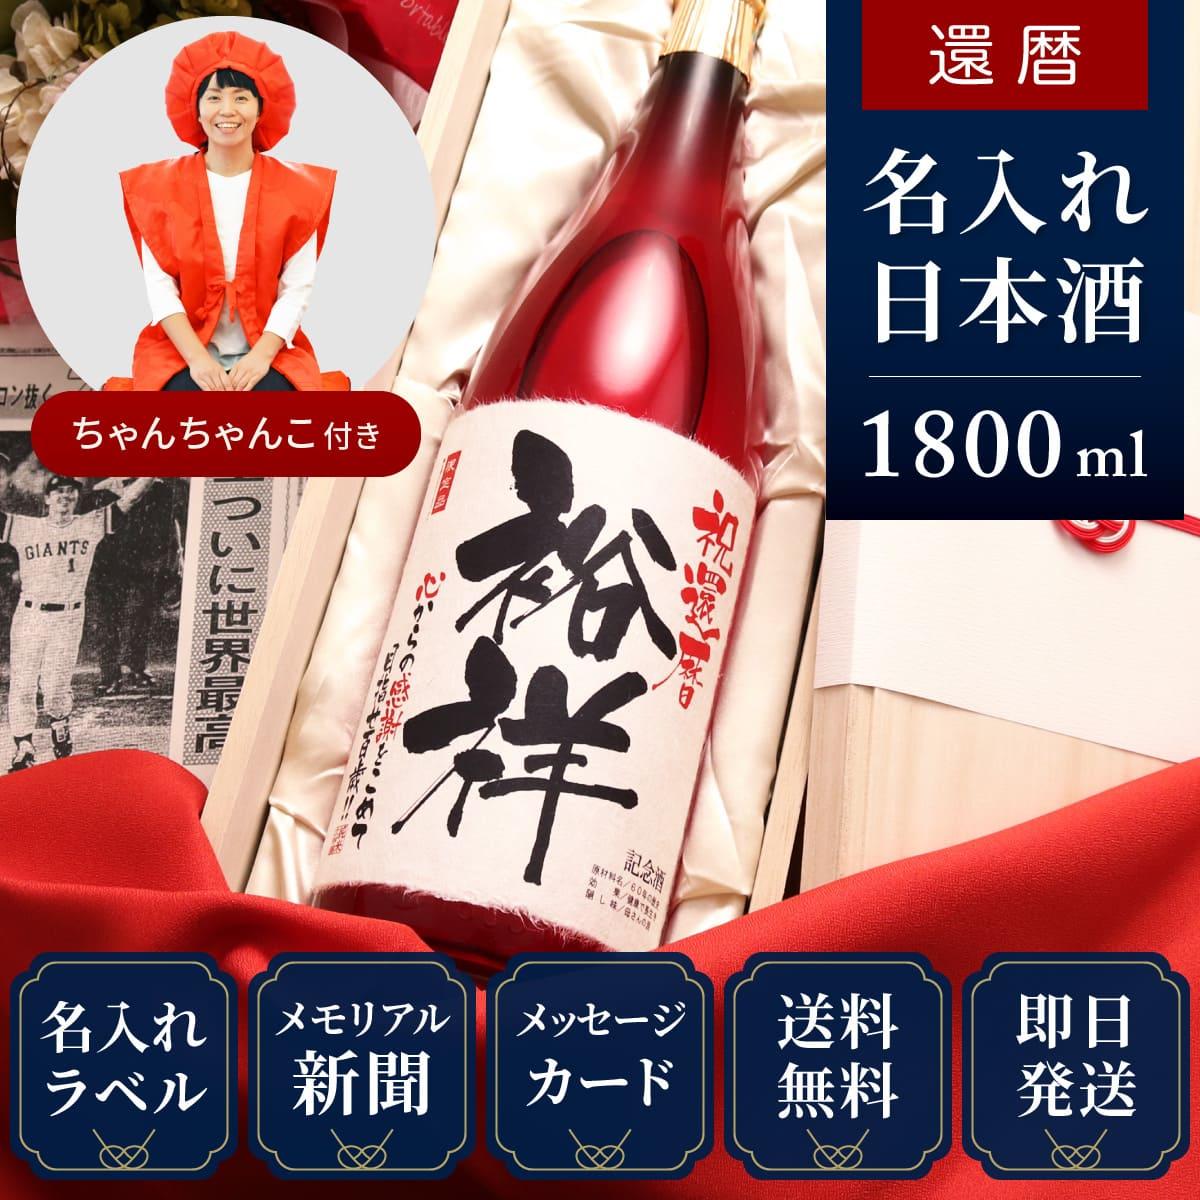 還暦ちゃんちゃんこ(日本製)と赤瓶セット「真紅」1800ml(日本酒)